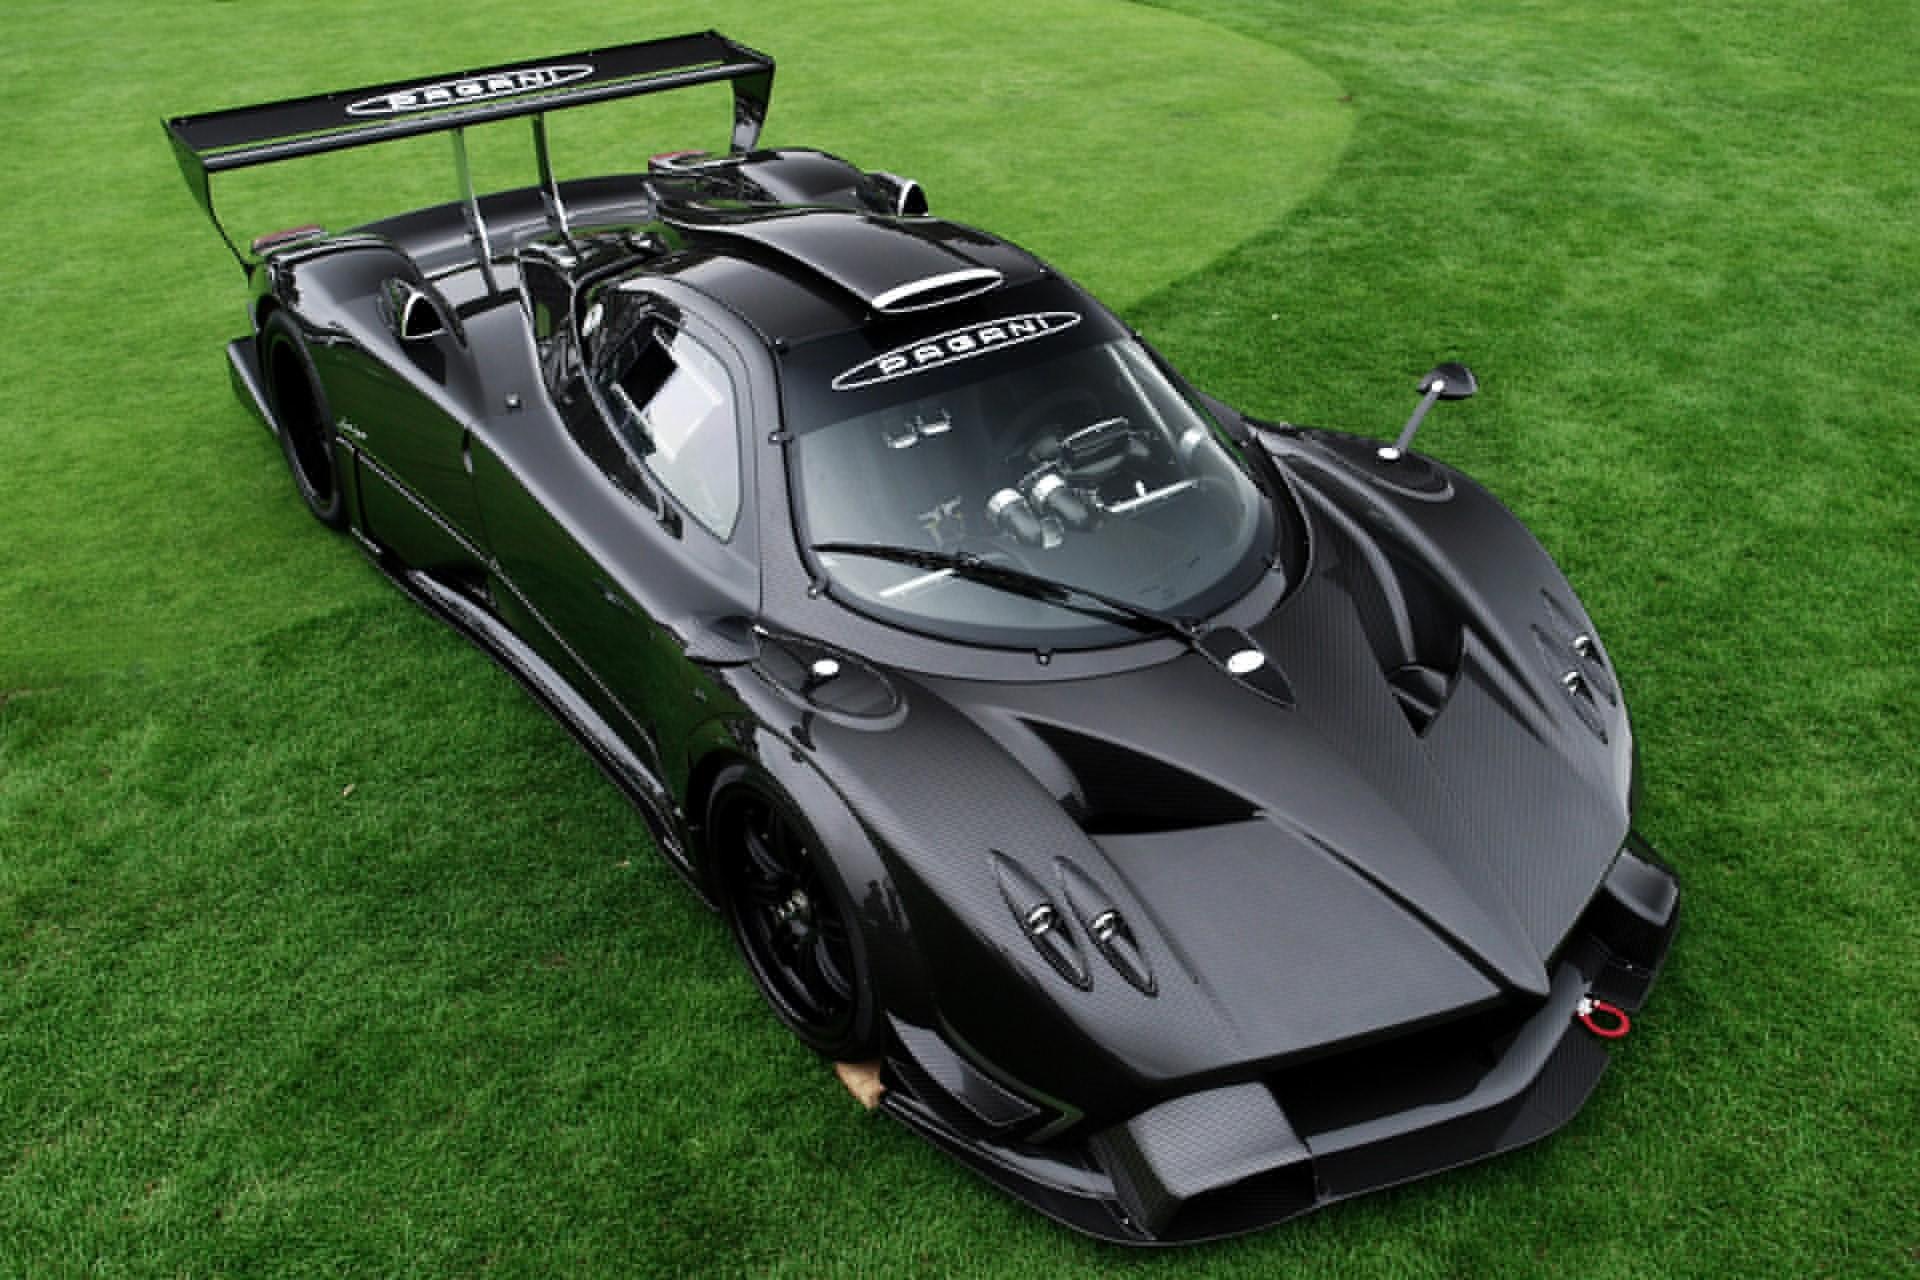 Wallpaper : supercars, pixels, black cars, sports car, carbon fiber